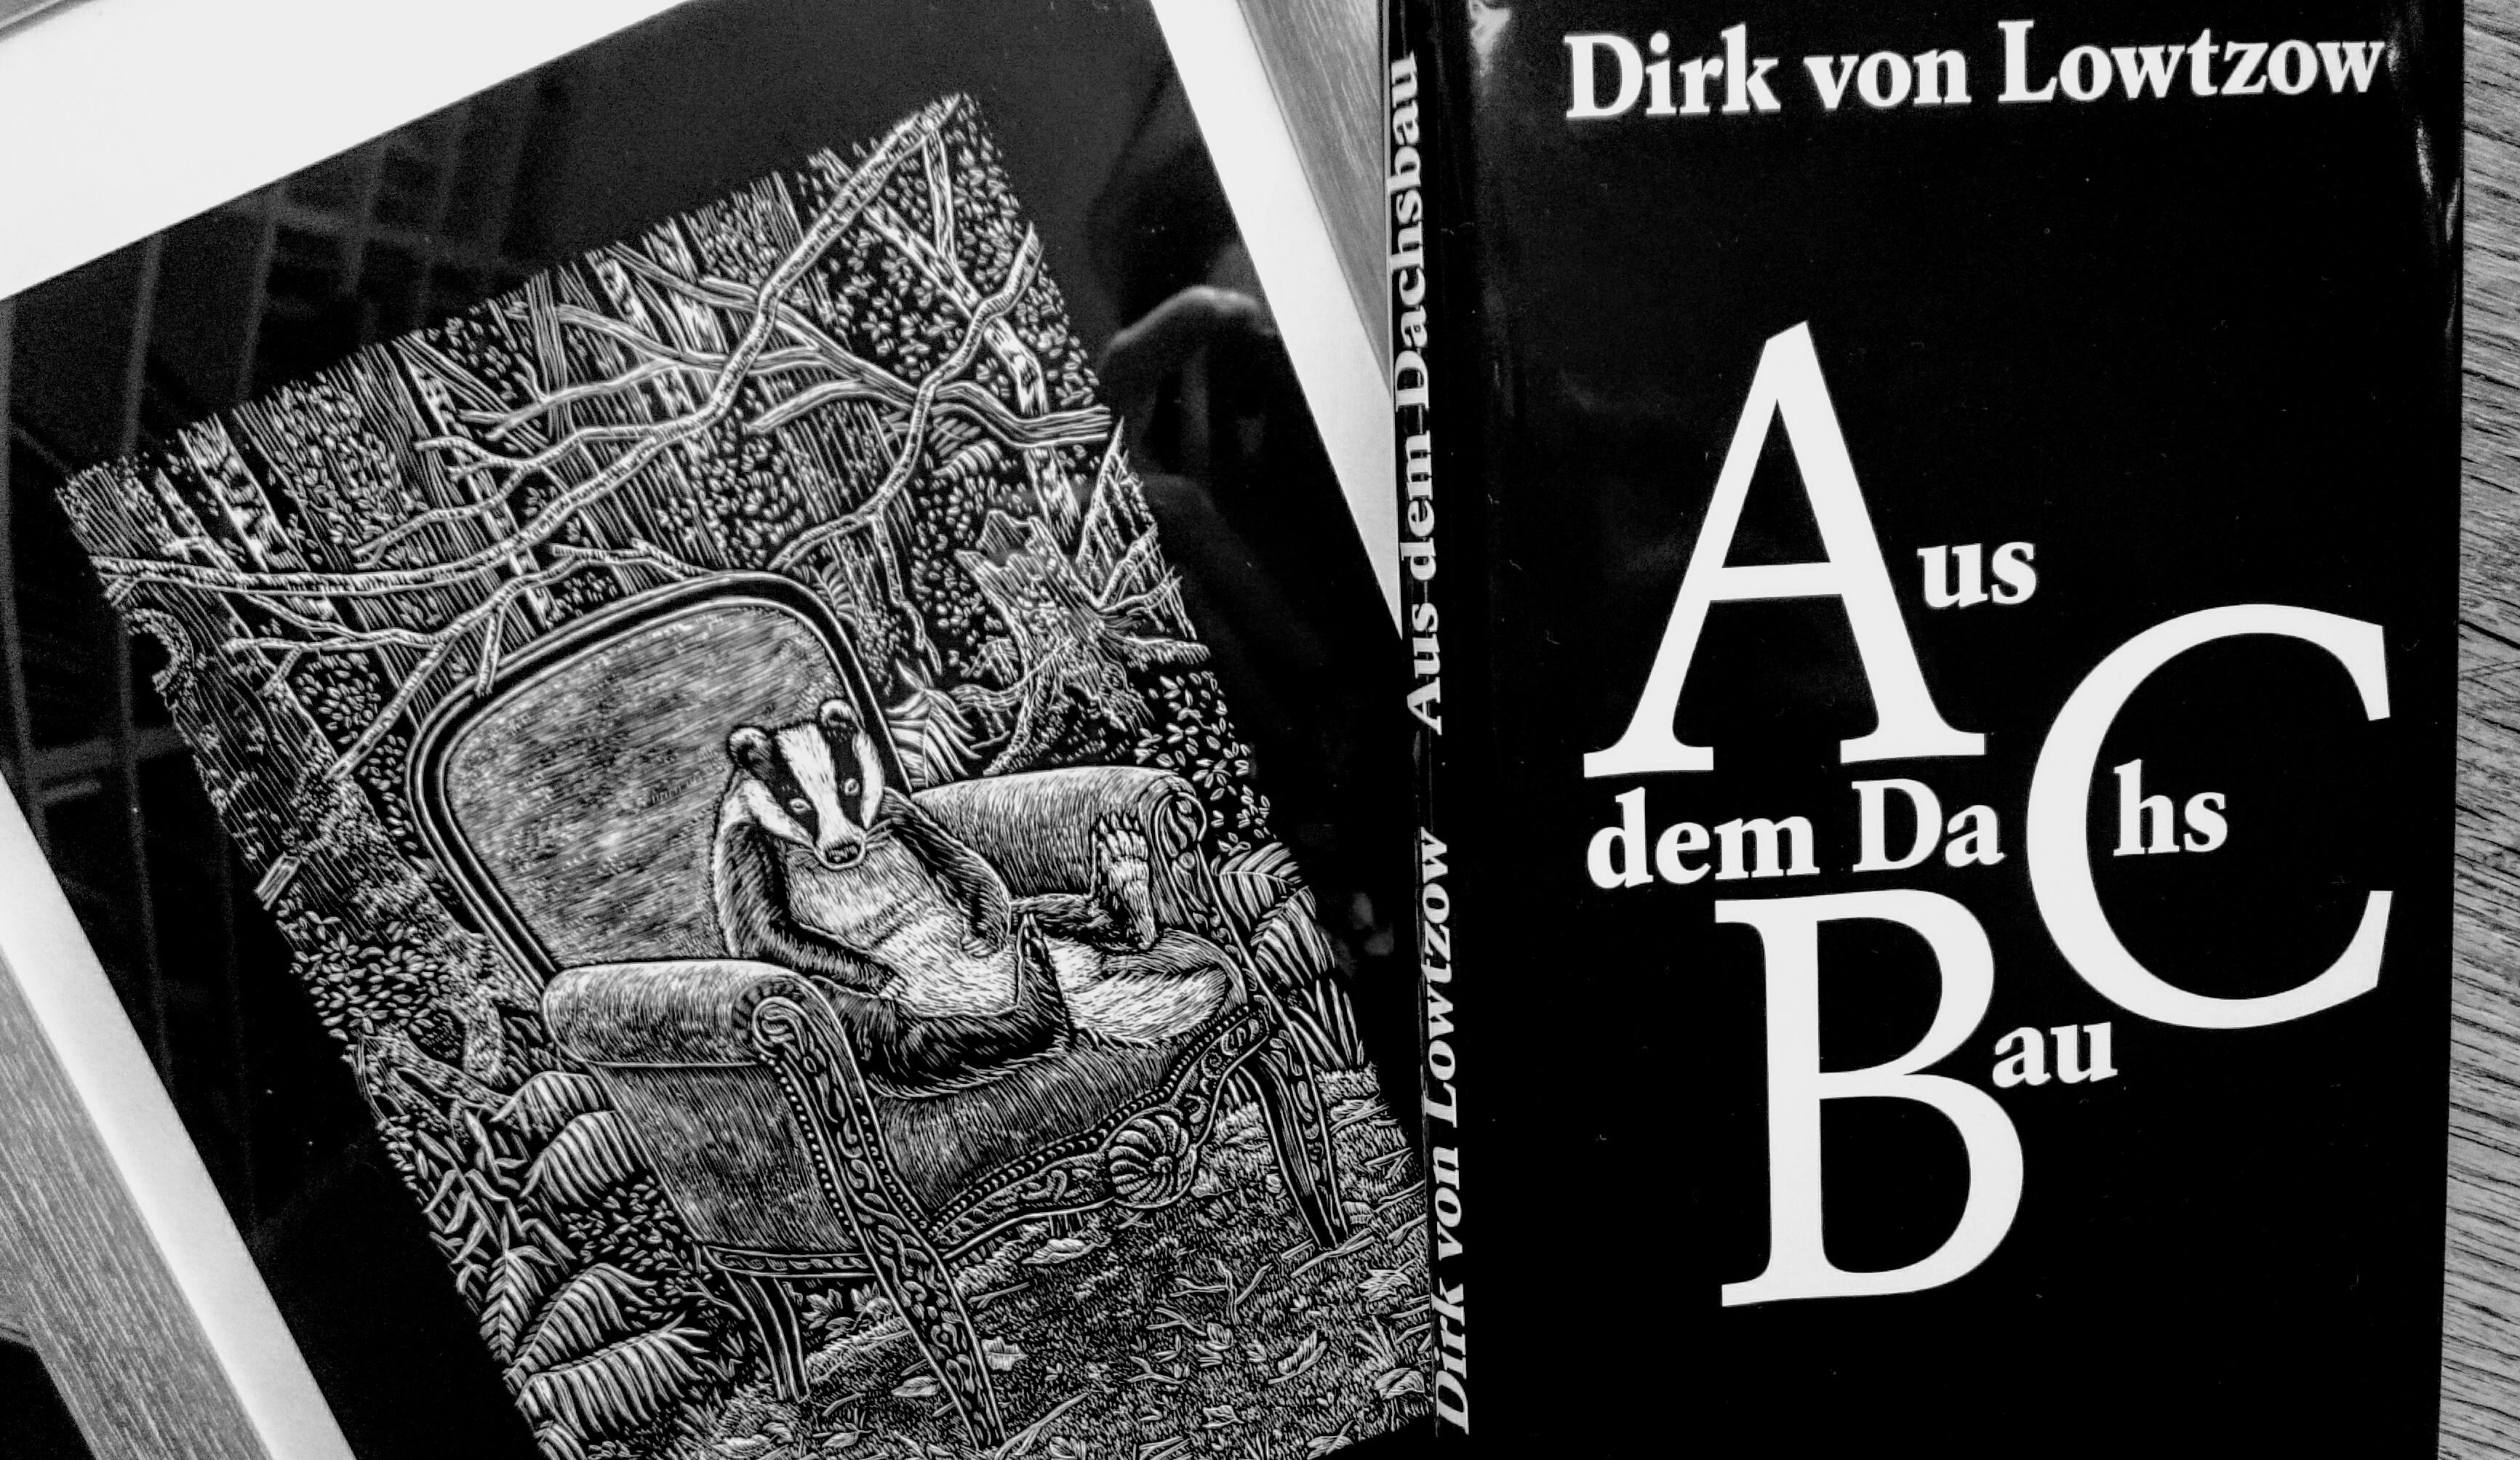 Dirk von Lowtzow, Aus dem Dachsbau, Buch, Kiepenheuer & Witsch, Hardcover, Tocotronic, Alphabet, Dachs, Illustration, Line Hoven, Pop, Hamburg